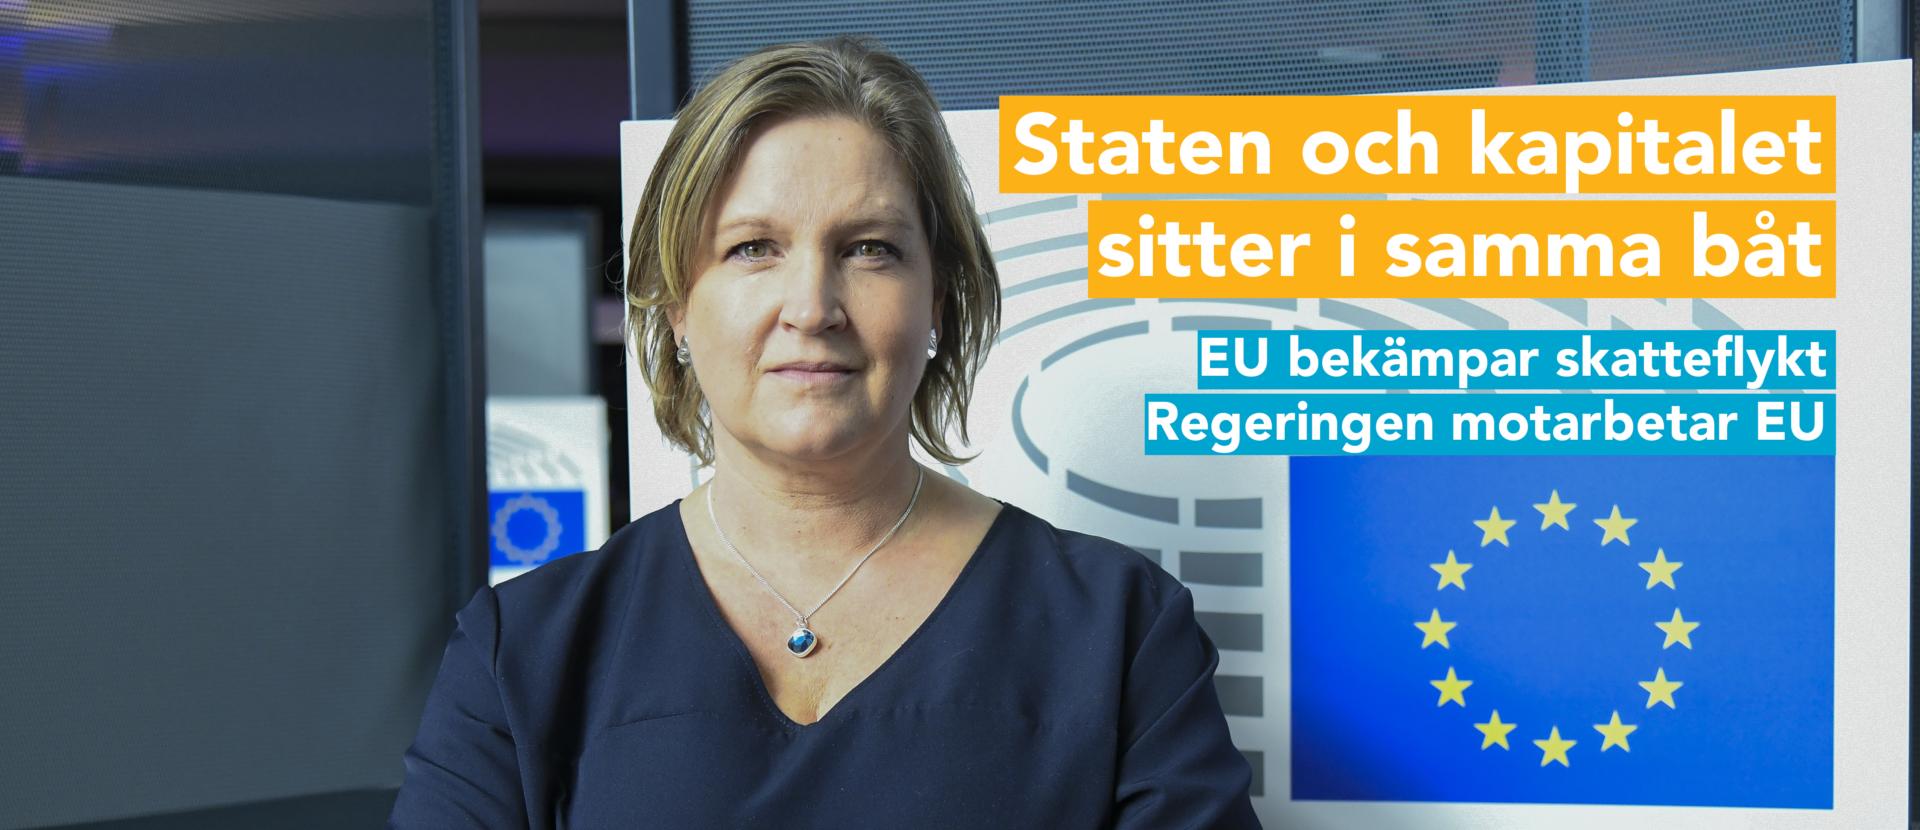 Karlsbro (L): Äntligen agerar EU mot skattesmitning. Men inte tack vare den svenska regeringen